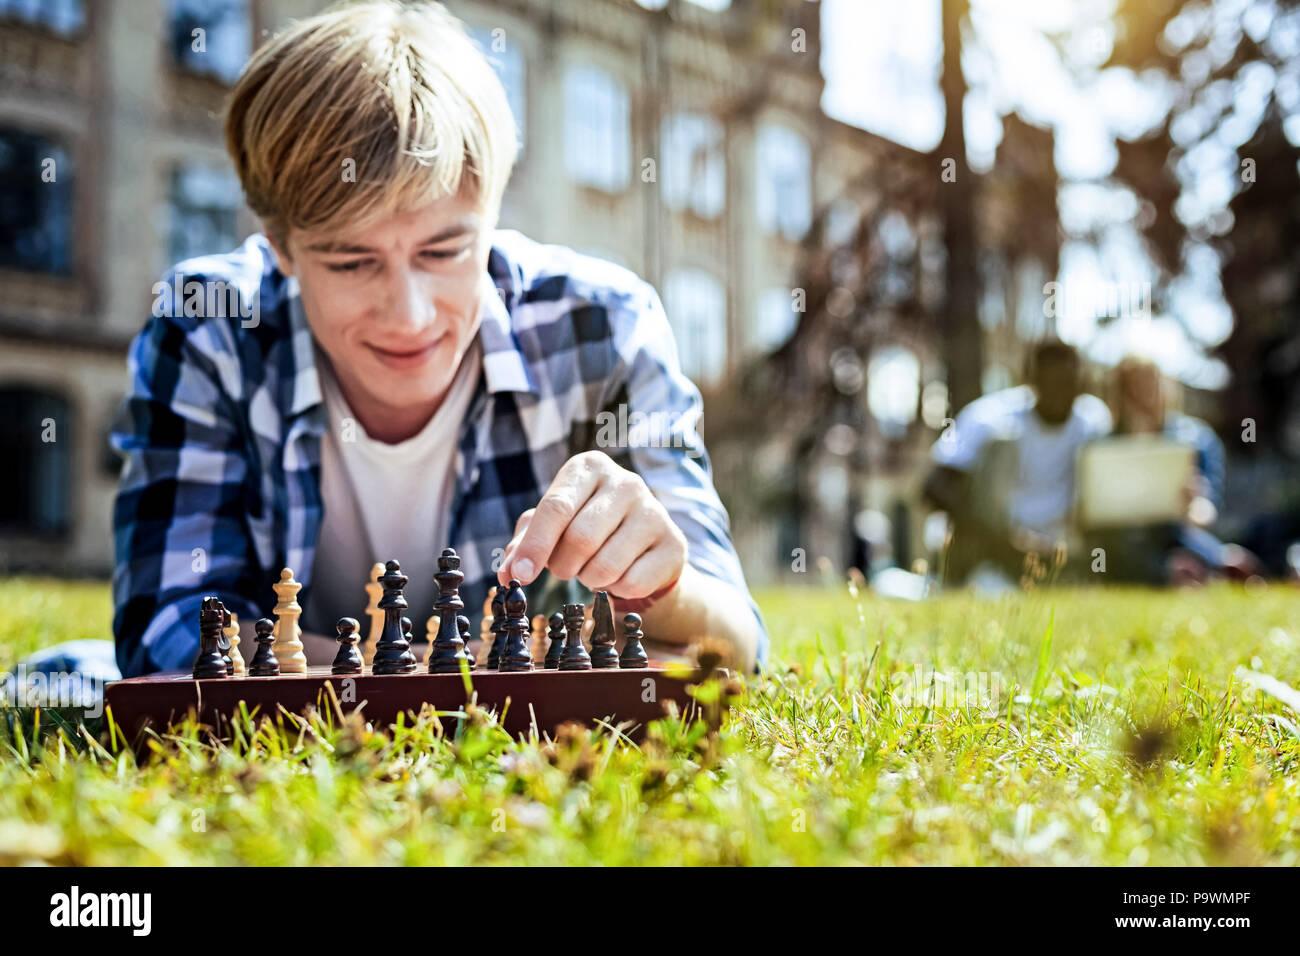 Chico sonriente disfrutando de un juego de ajedrez al aire libre Imagen De Stock